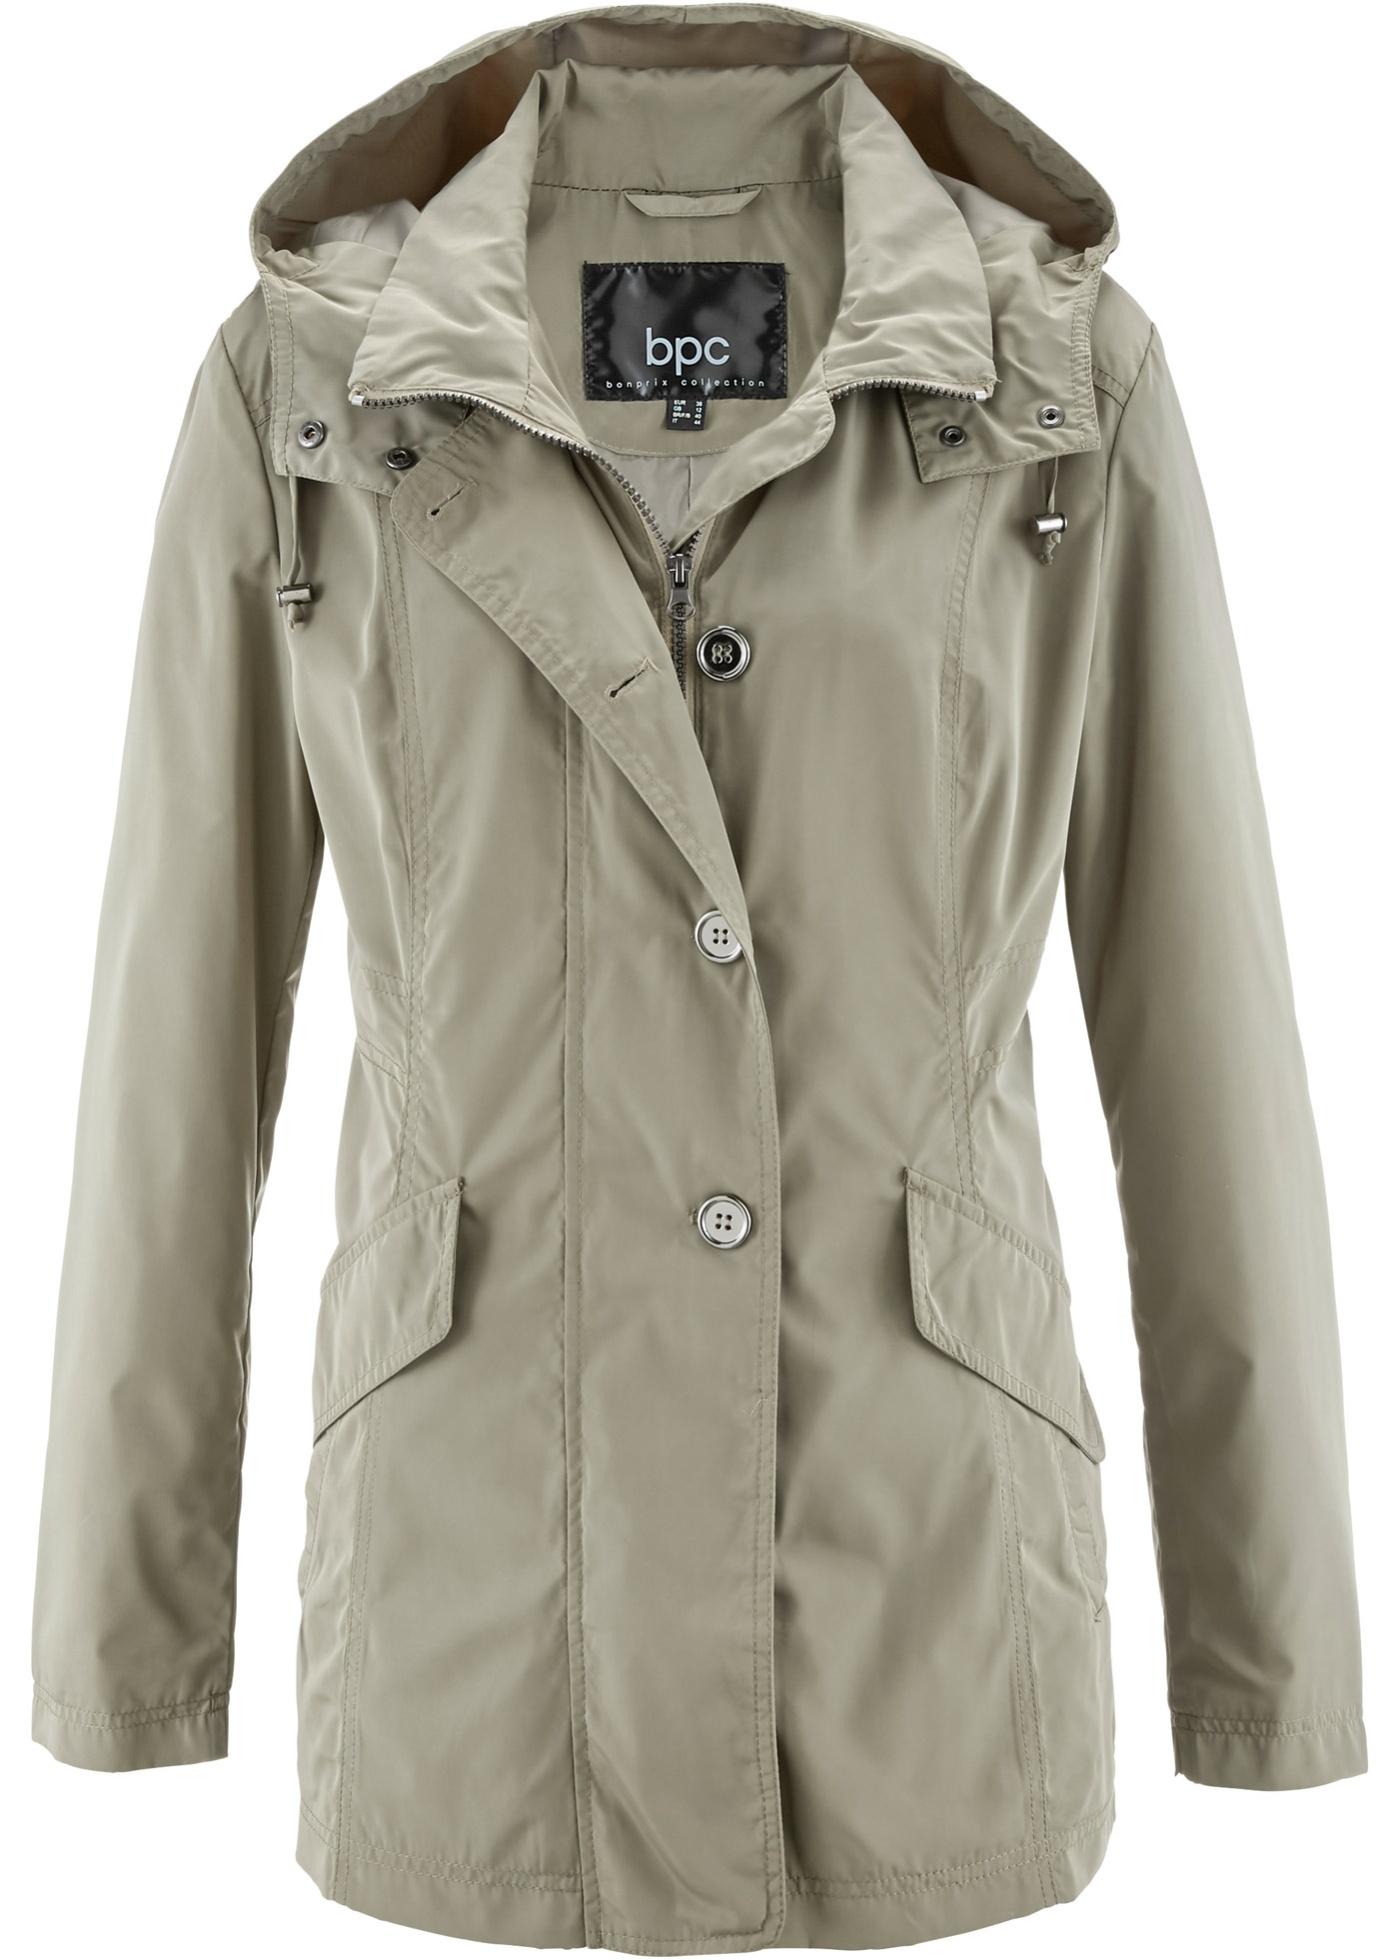 Bonprix SE - Tunn jacka med luva 399.00